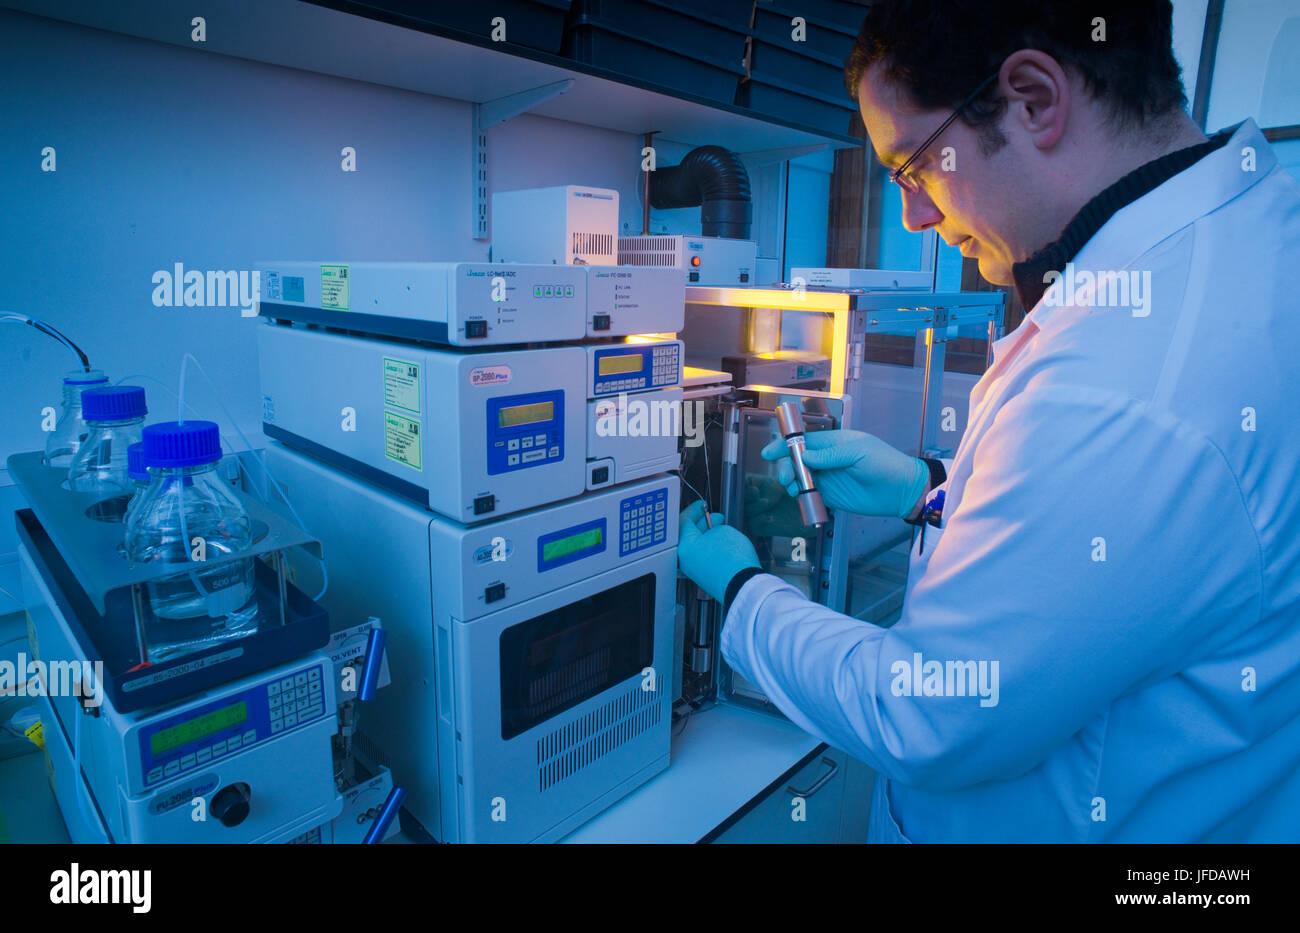 Caricamento di un campione per la purificazione utilizzando anidride carbonica supercritica come agente di estrazione Immagini Stock